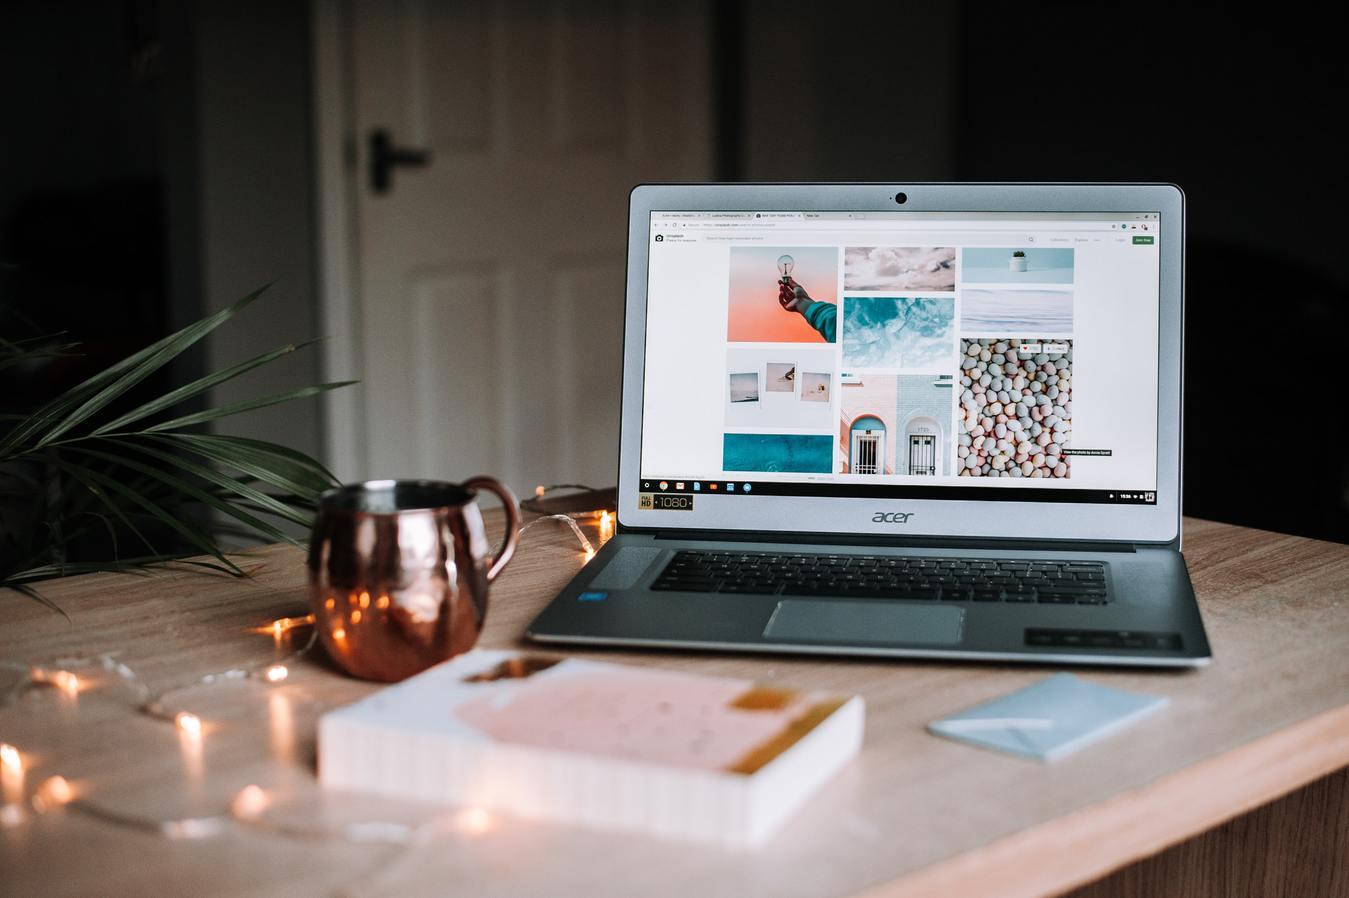 Website op een laptop die staat op een bureau met lichtjes